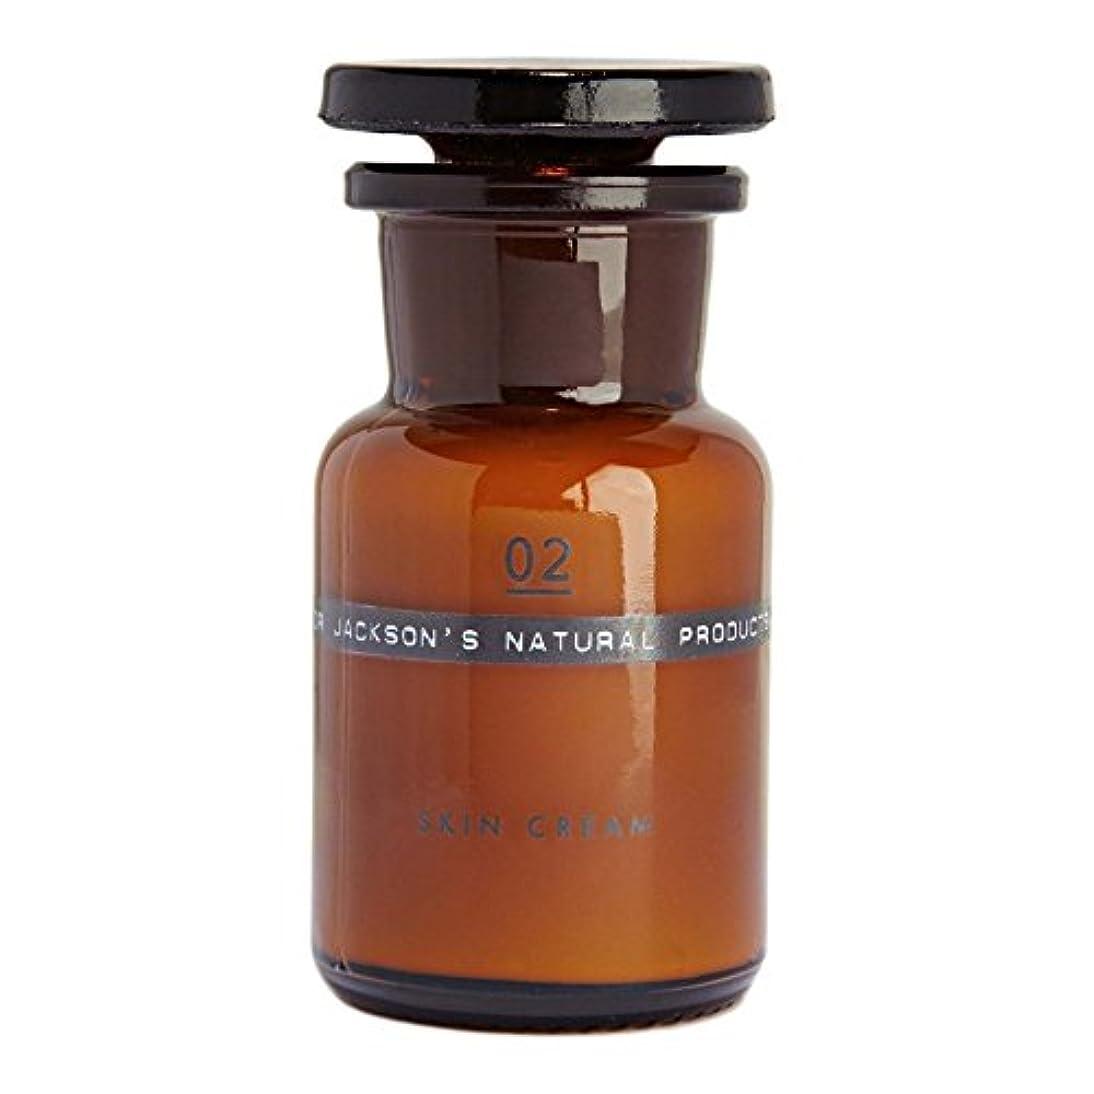 緯度苦しむ蒸し器Dr Jackson's 02 Skin Cream 50ml - ジャクソンの02スキンクリーム50ミリリットル [並行輸入品]